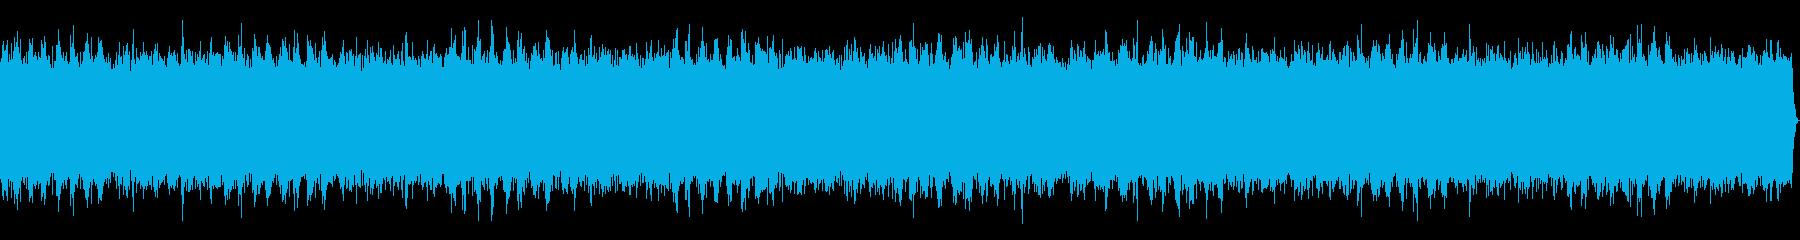 幻想的ヒーリングアンビエントナレーションの再生済みの波形